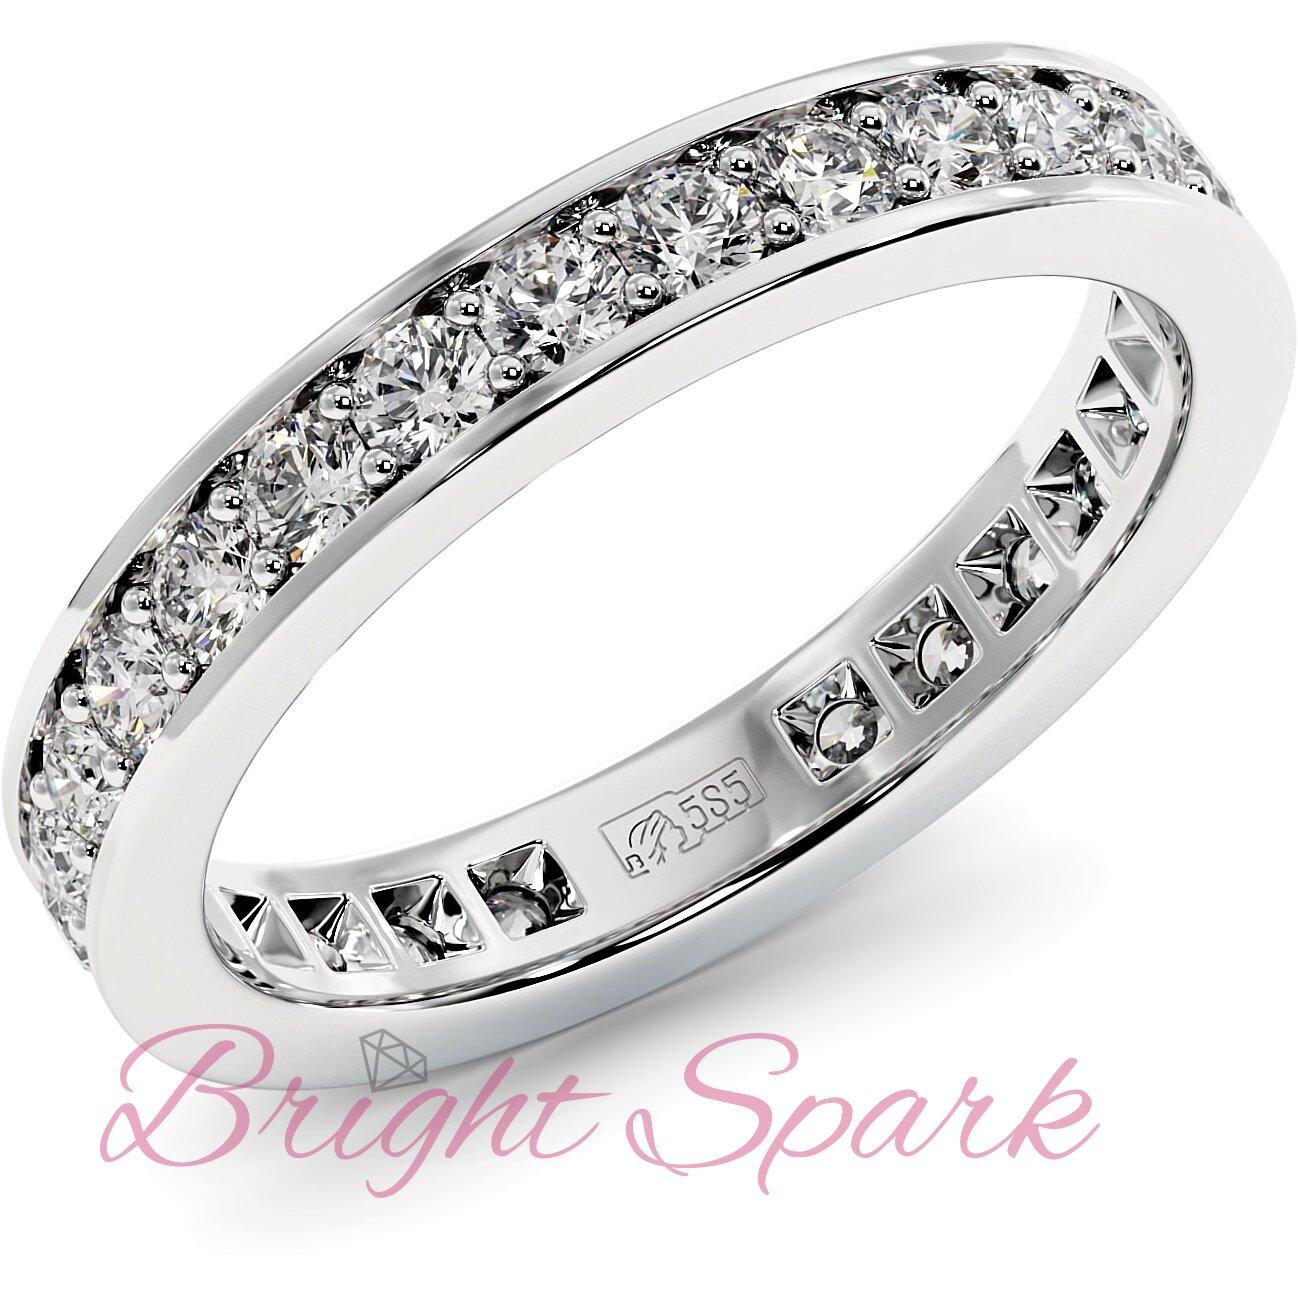 Обручальное кольцо белого золота с дорожкой Helen 0,8 карата